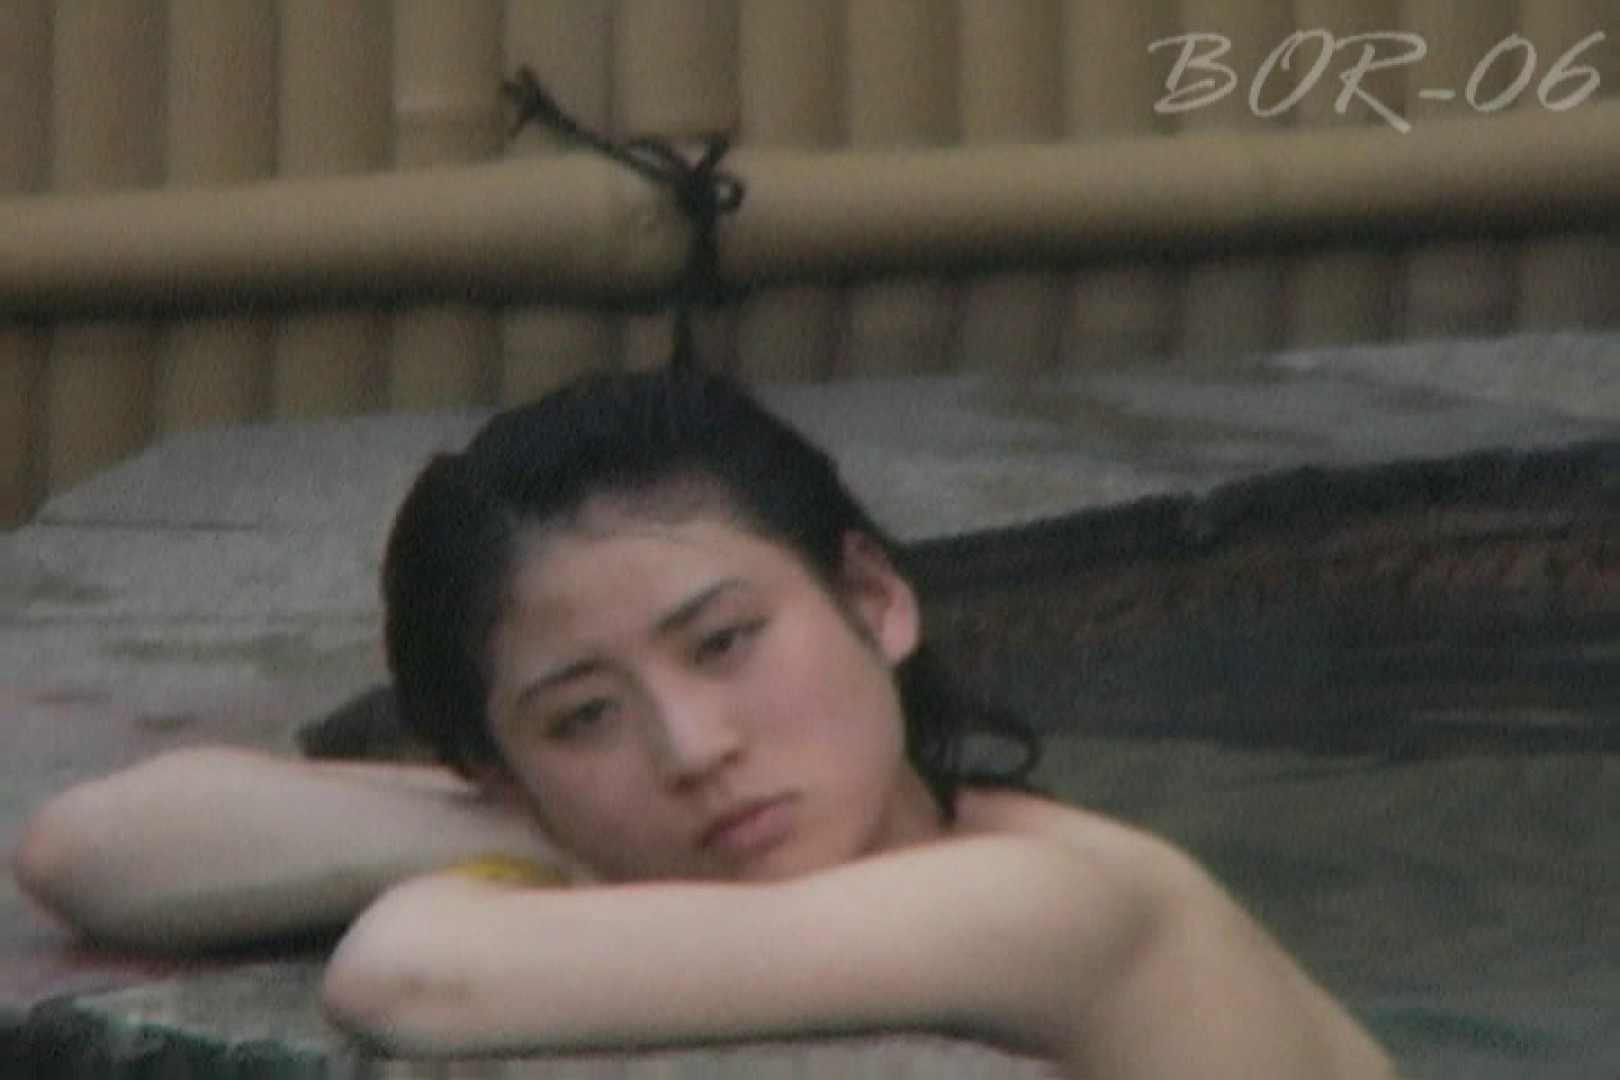 Aquaな露天風呂Vol.520 OL女体 | 女体盗撮  52連発 43